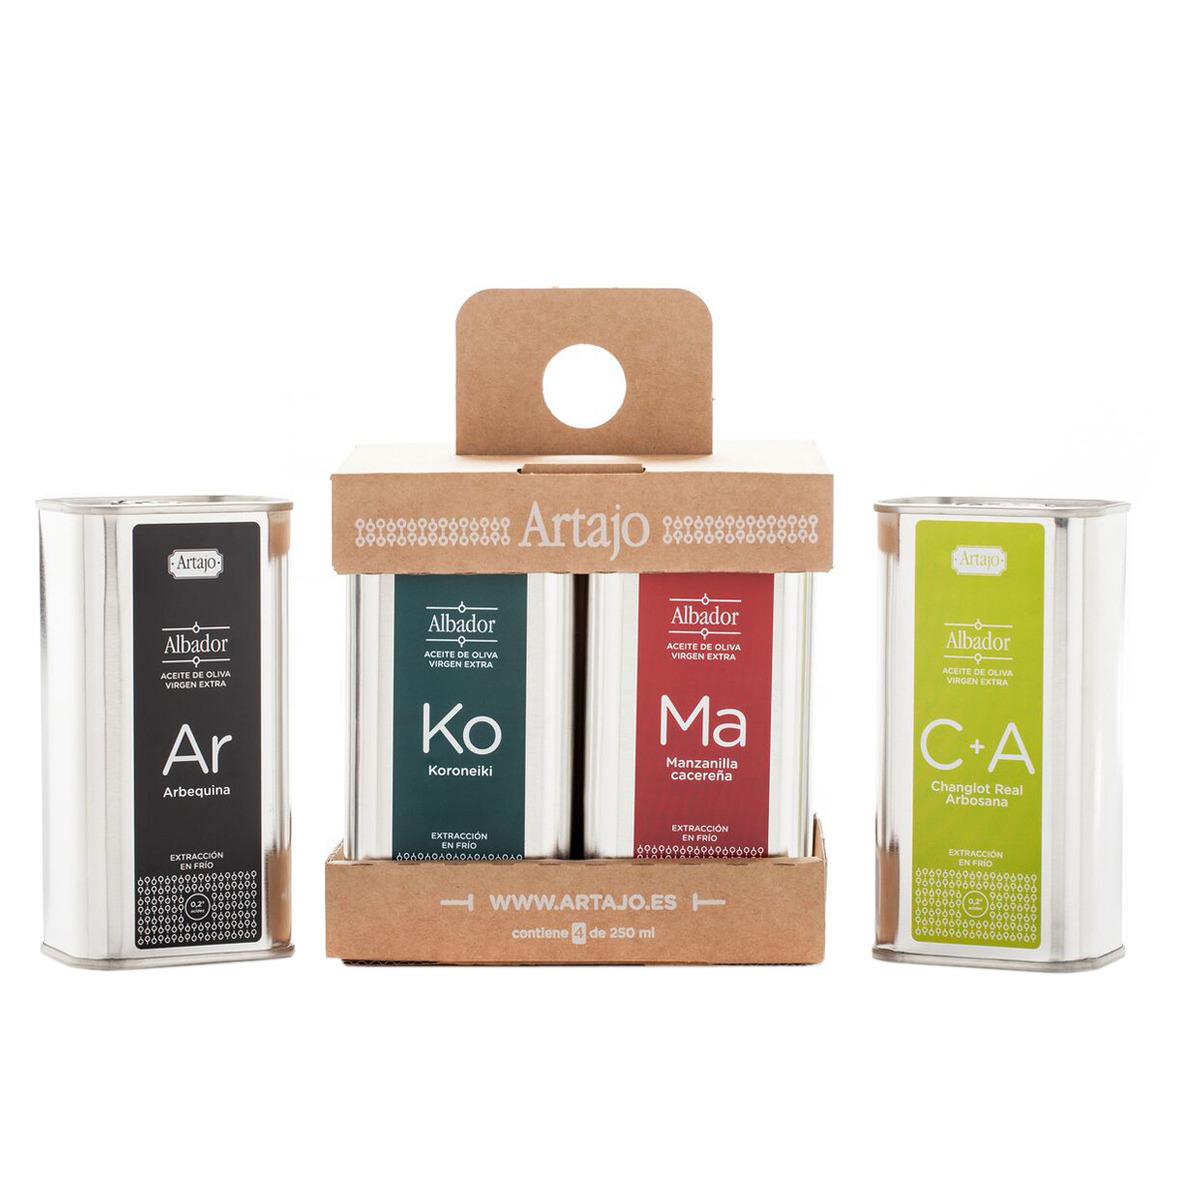 Pack de 4 latas de aceite oliva virgen extra Artajo de diferentes variedades.